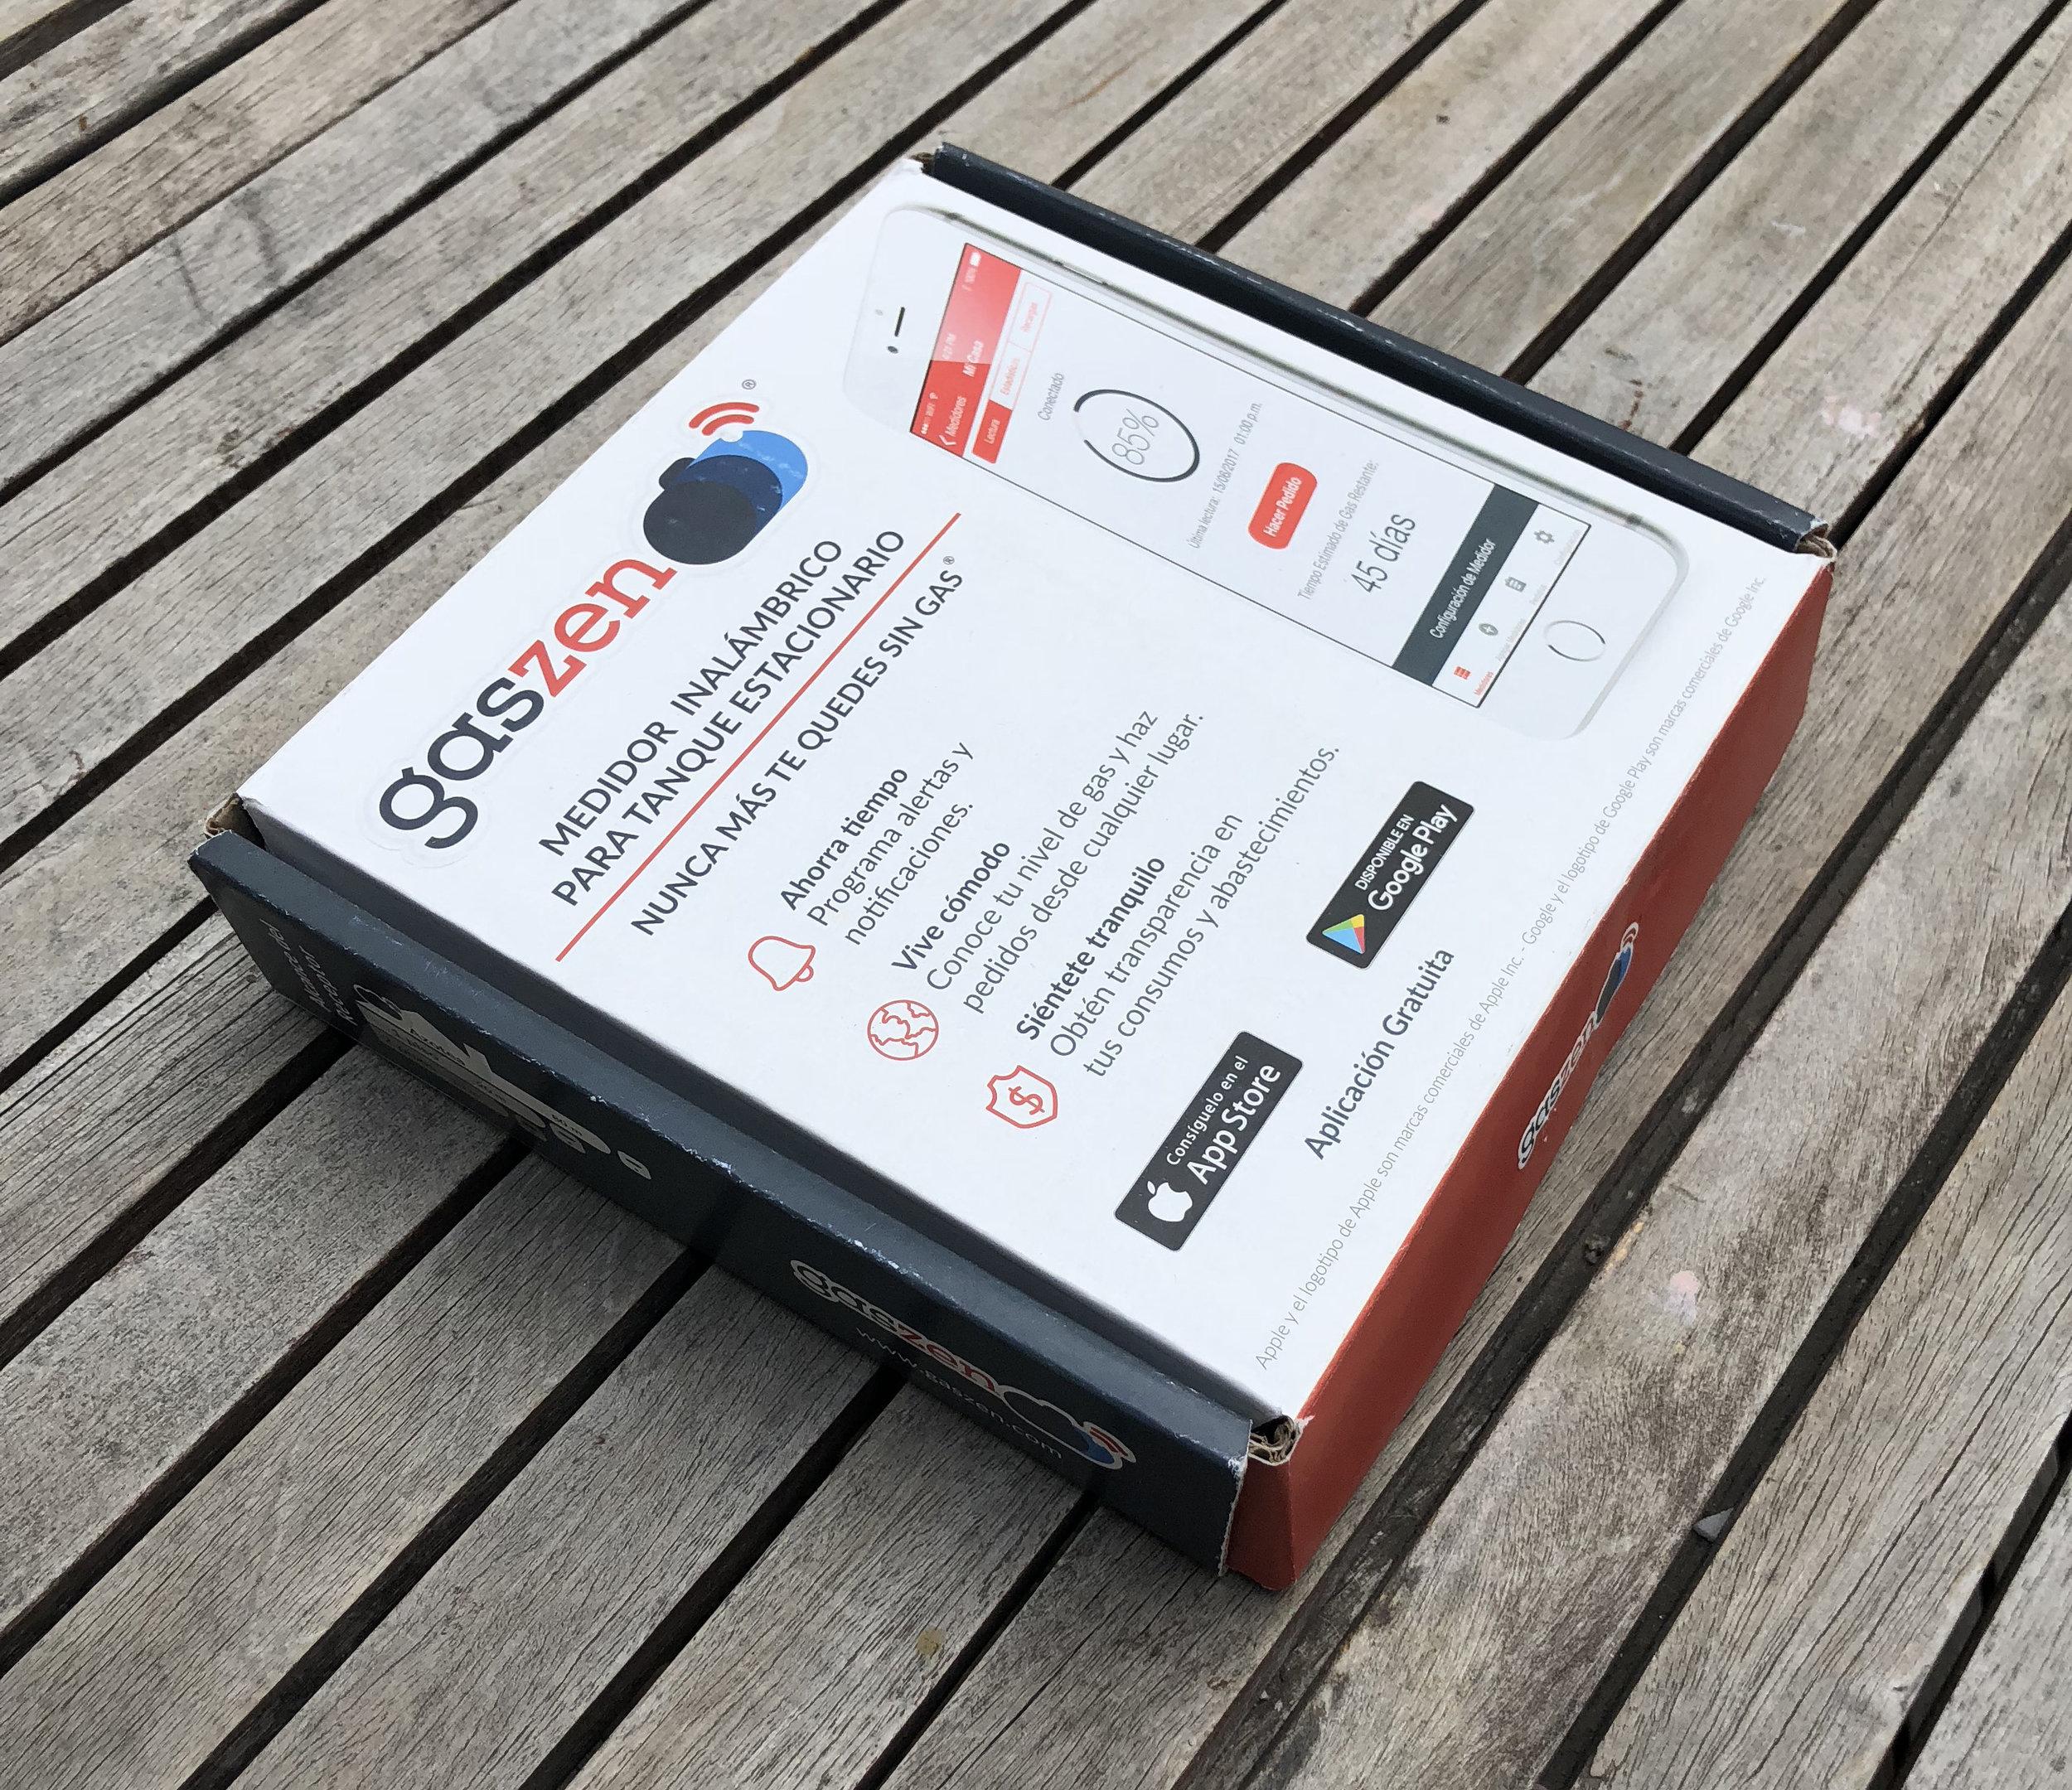 Recibí una pequeña caja que contiene dos dispositivos: